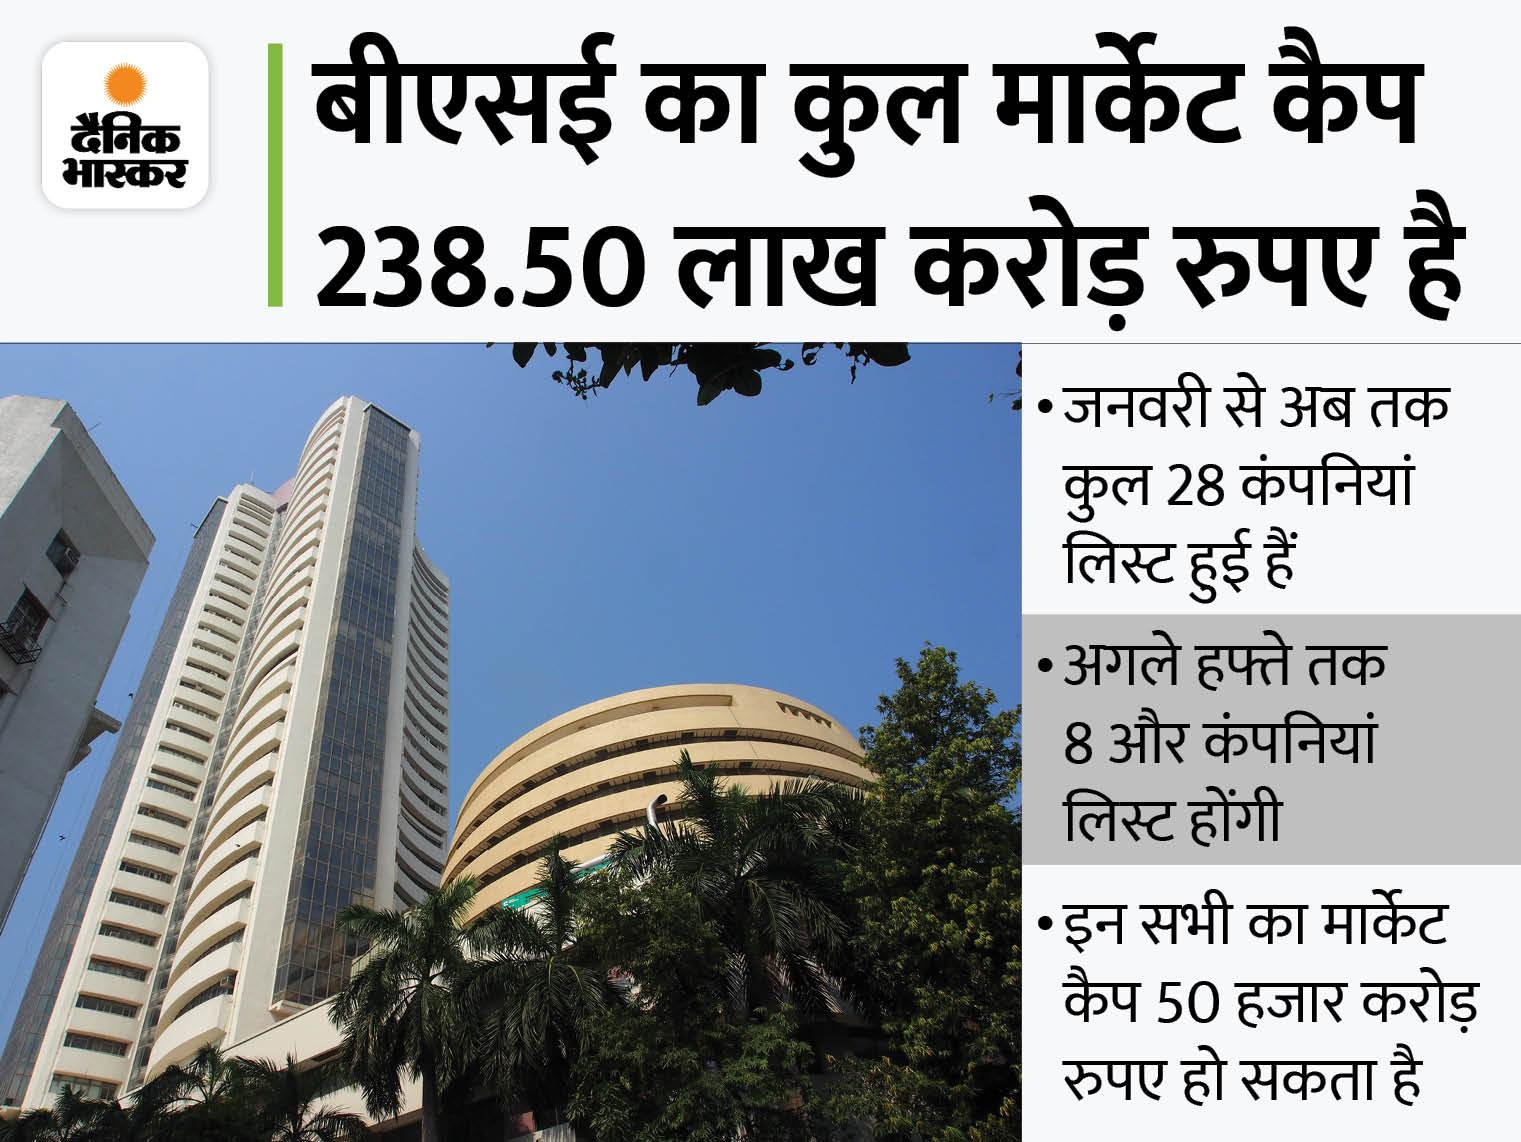 नई लिस्टेड कंपनियों ने मार्केट कैप में 3.63 लाख करोड़ रुपए जोड़ा, जोमैटो का 1 लाख करोड़ का योगदान|बिजनेस,Business - Dainik Bhaskar